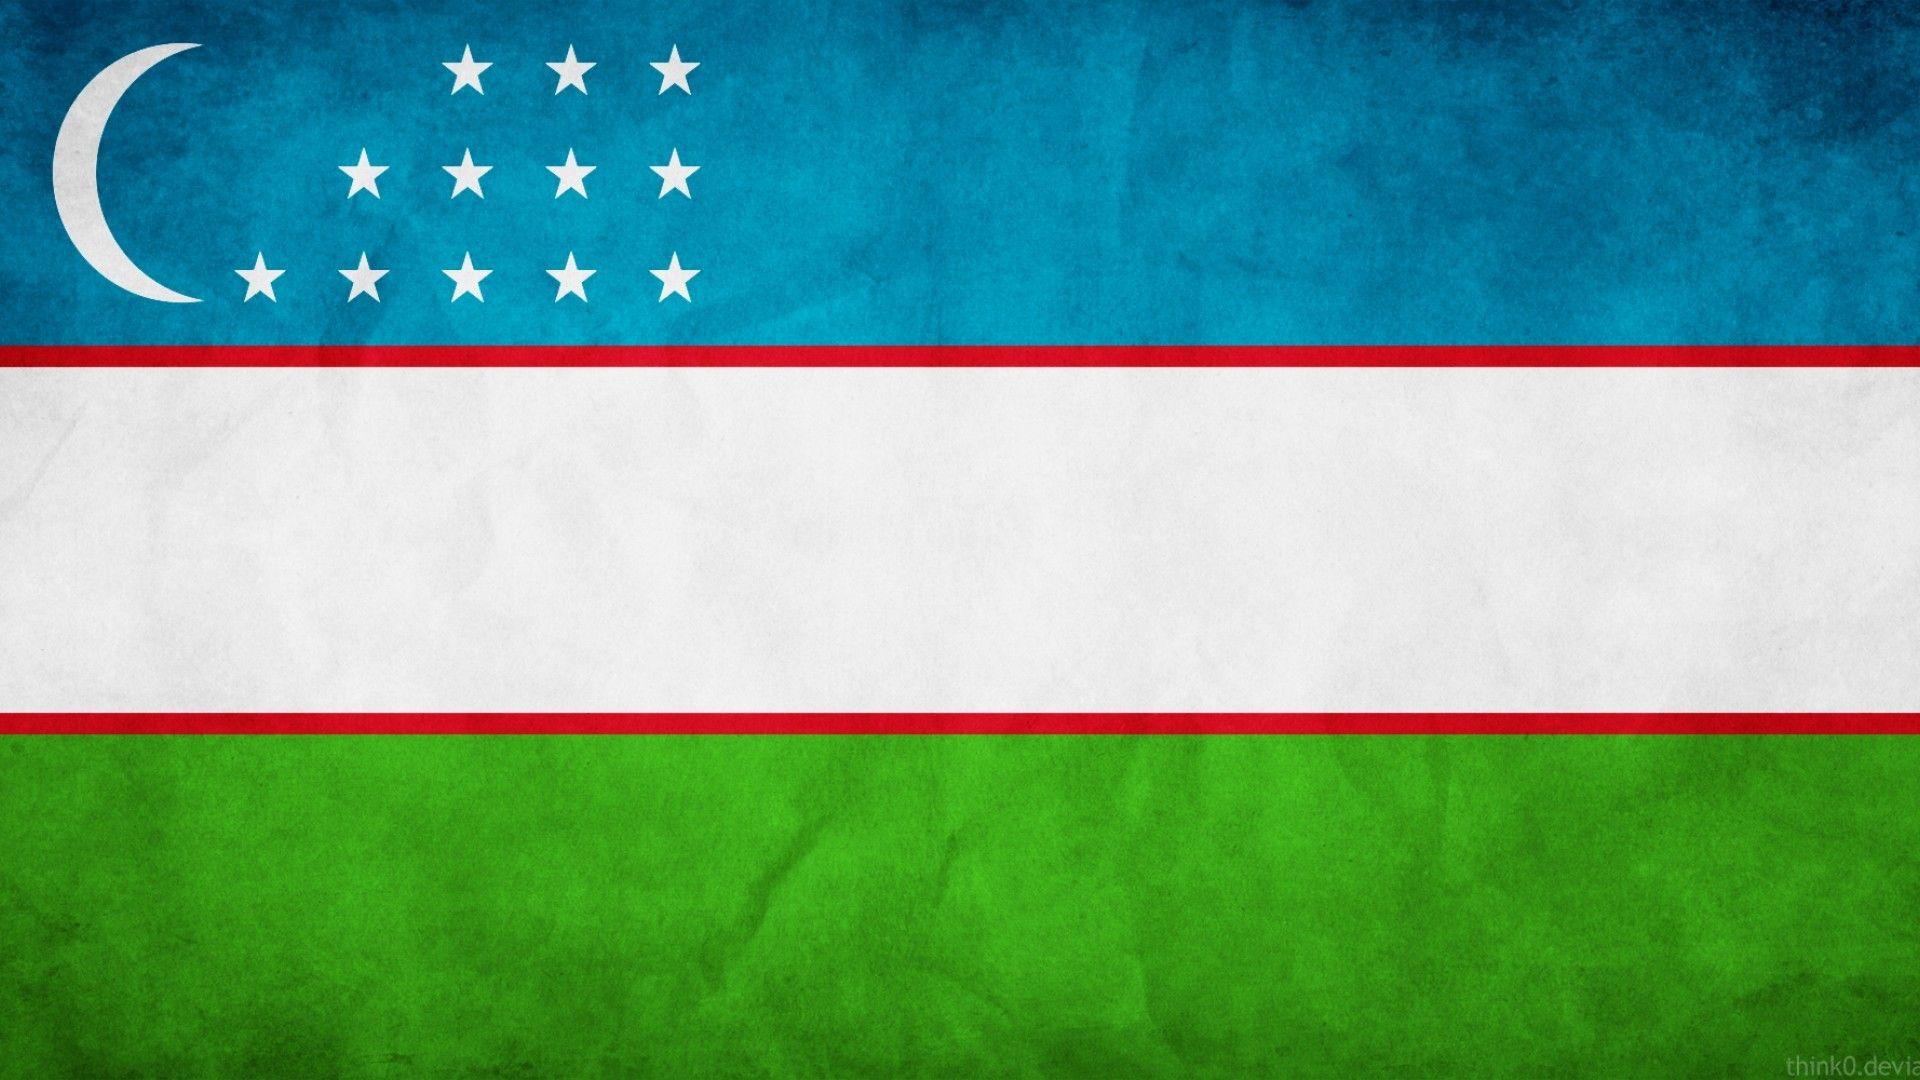 Flag Of Uzbekistan Wallpaper Flags Wallpaper герб цветы